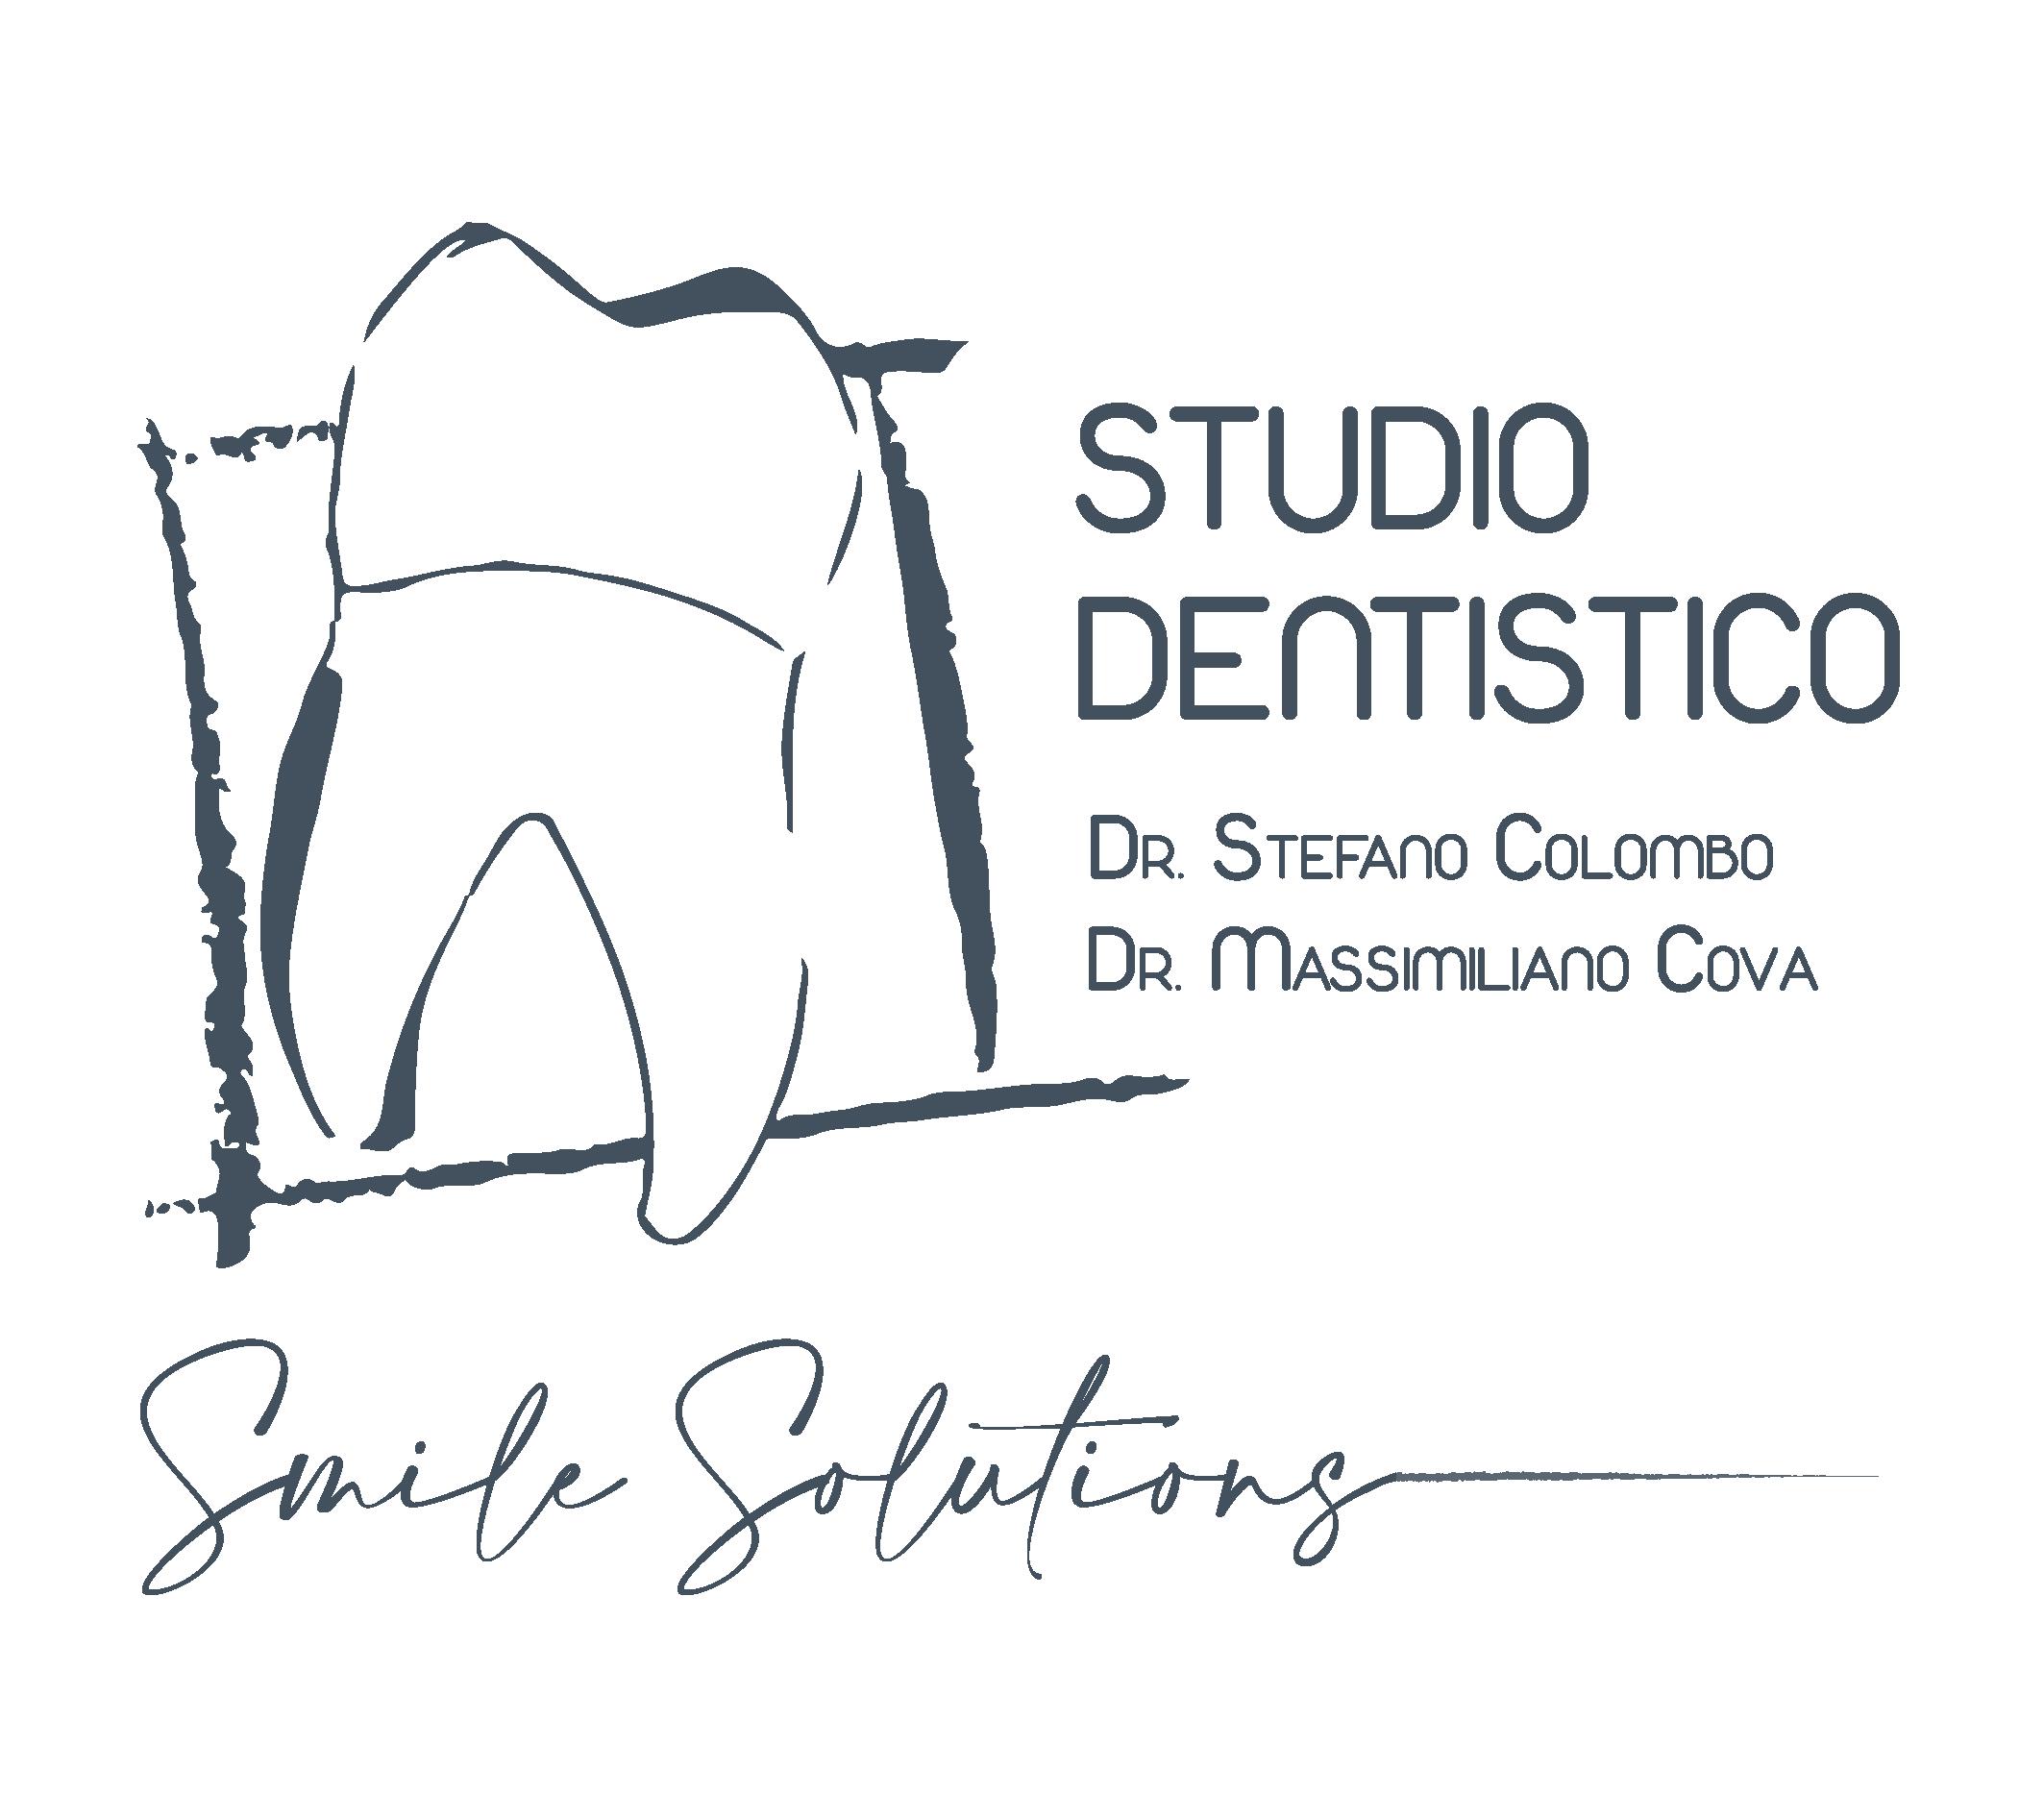 studio dentistico busto arsizio